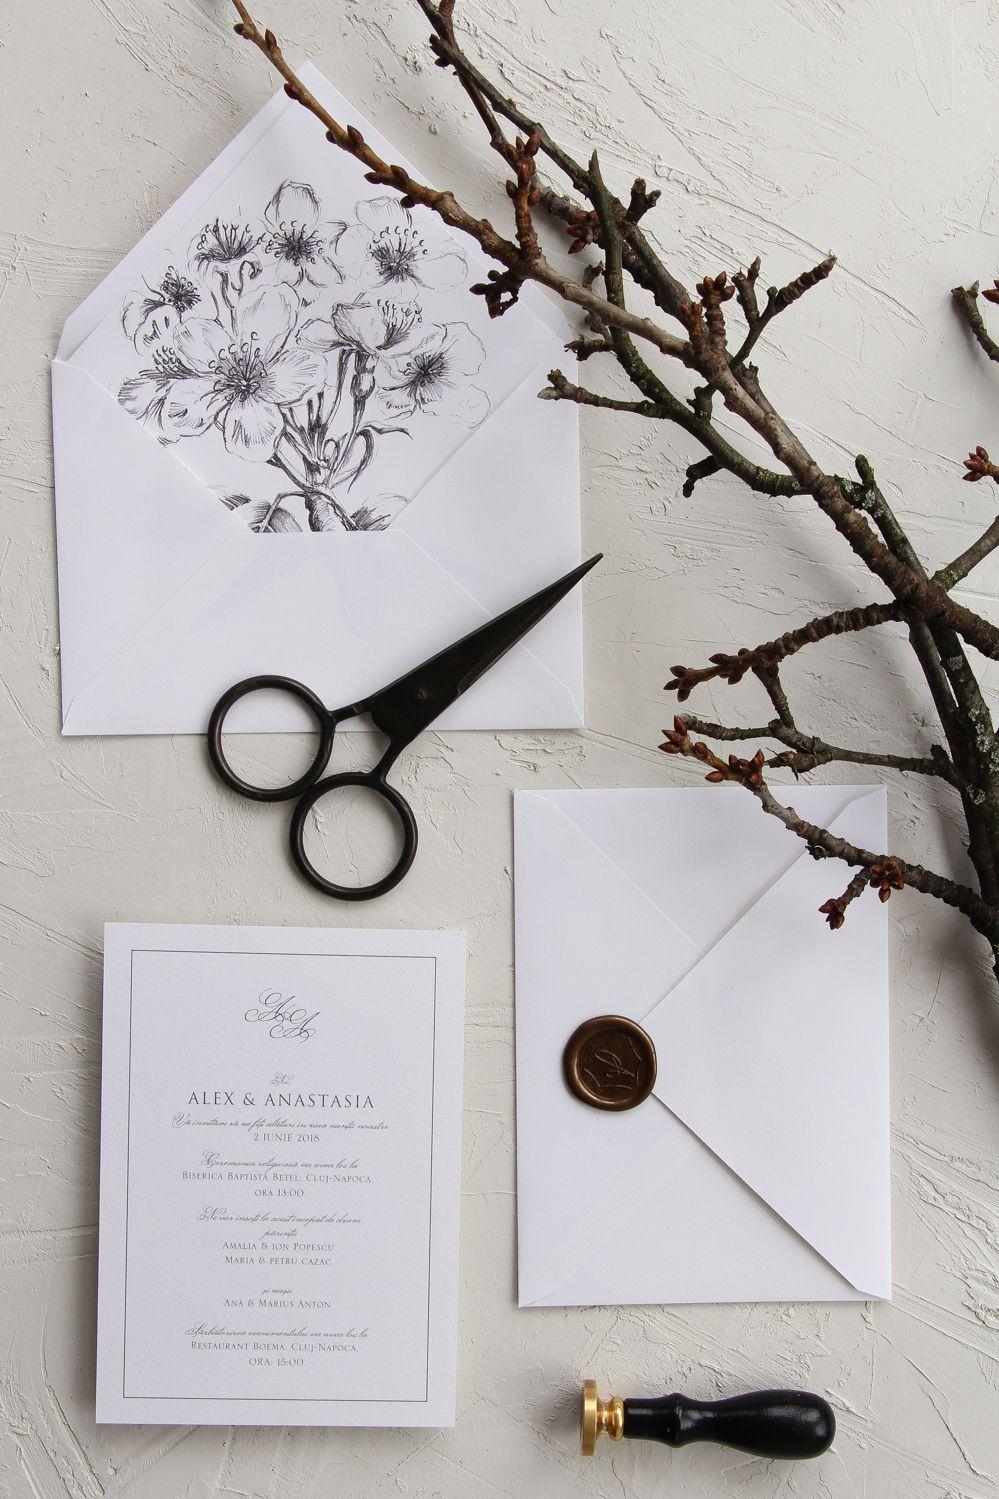 Invitatie Alexanastasia In 2019 Papira Wedding Invitations